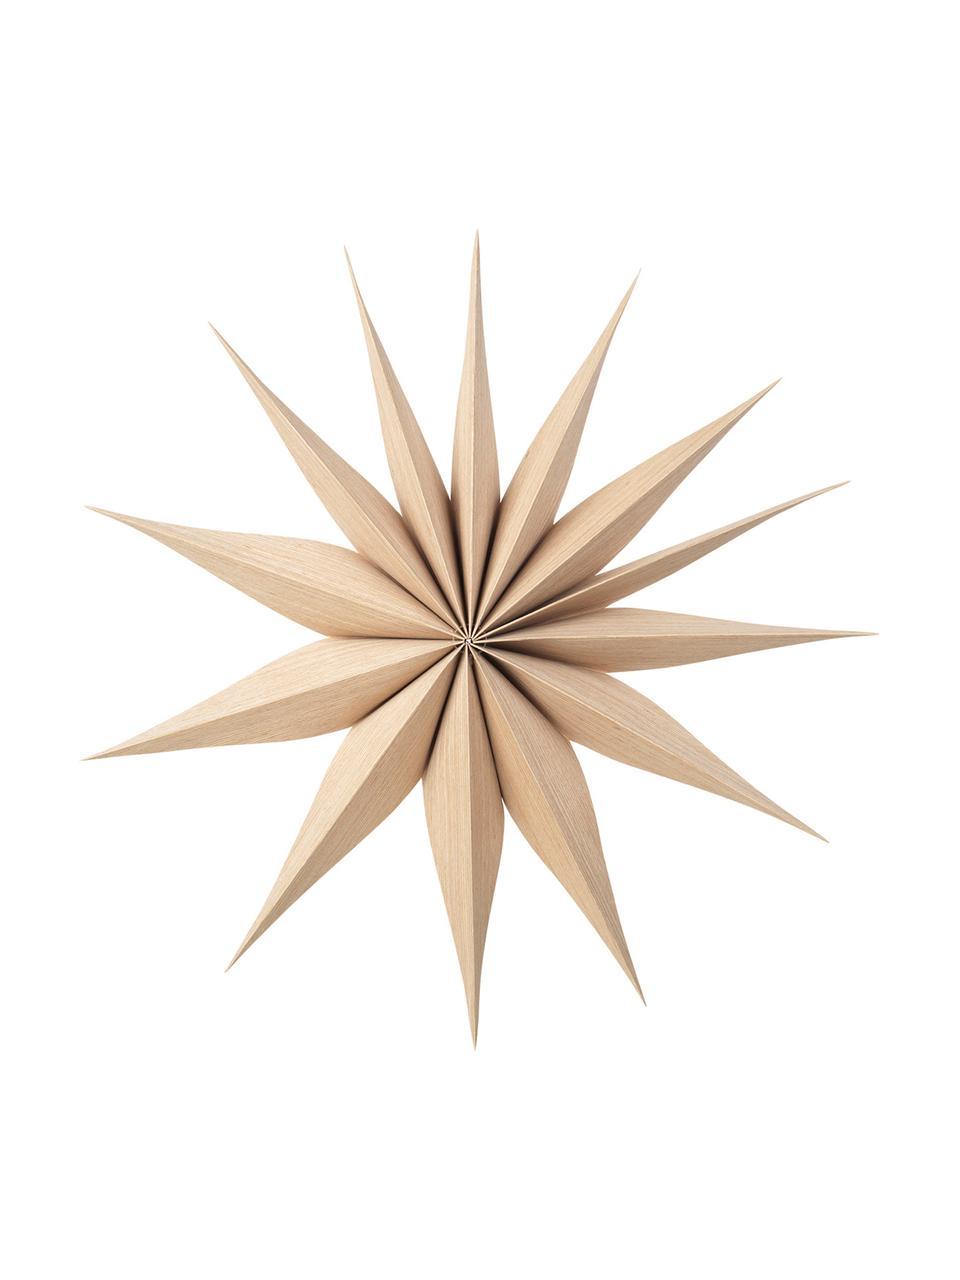 Decoratieve sterren Venice van hout, 2 stuks, Populierenhout, Lichtbruin, Ø 40 cm